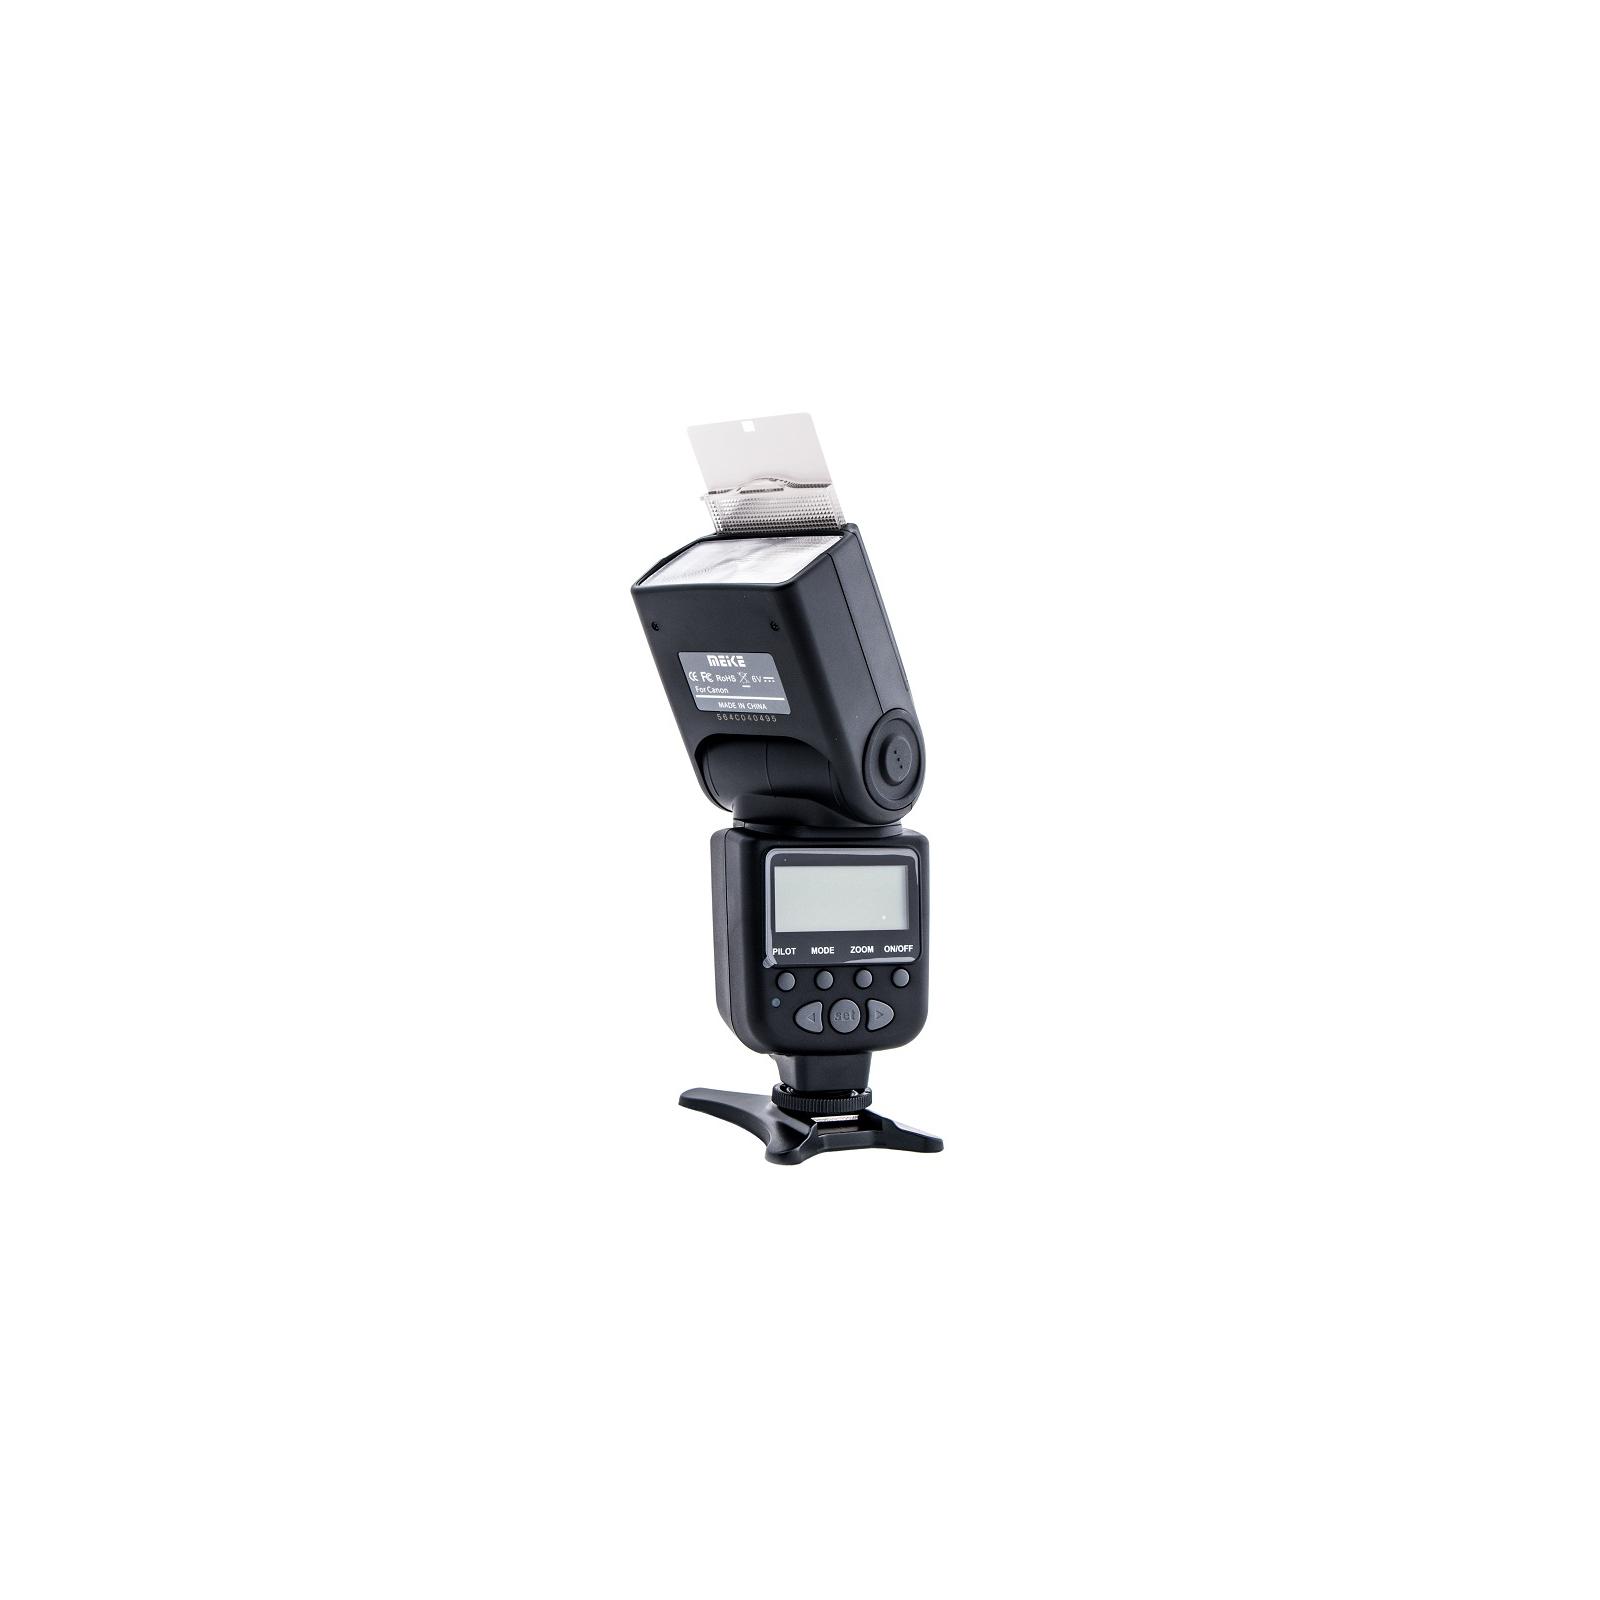 Вспышка Meike Canon 950 II (MK950C2) изображение 2